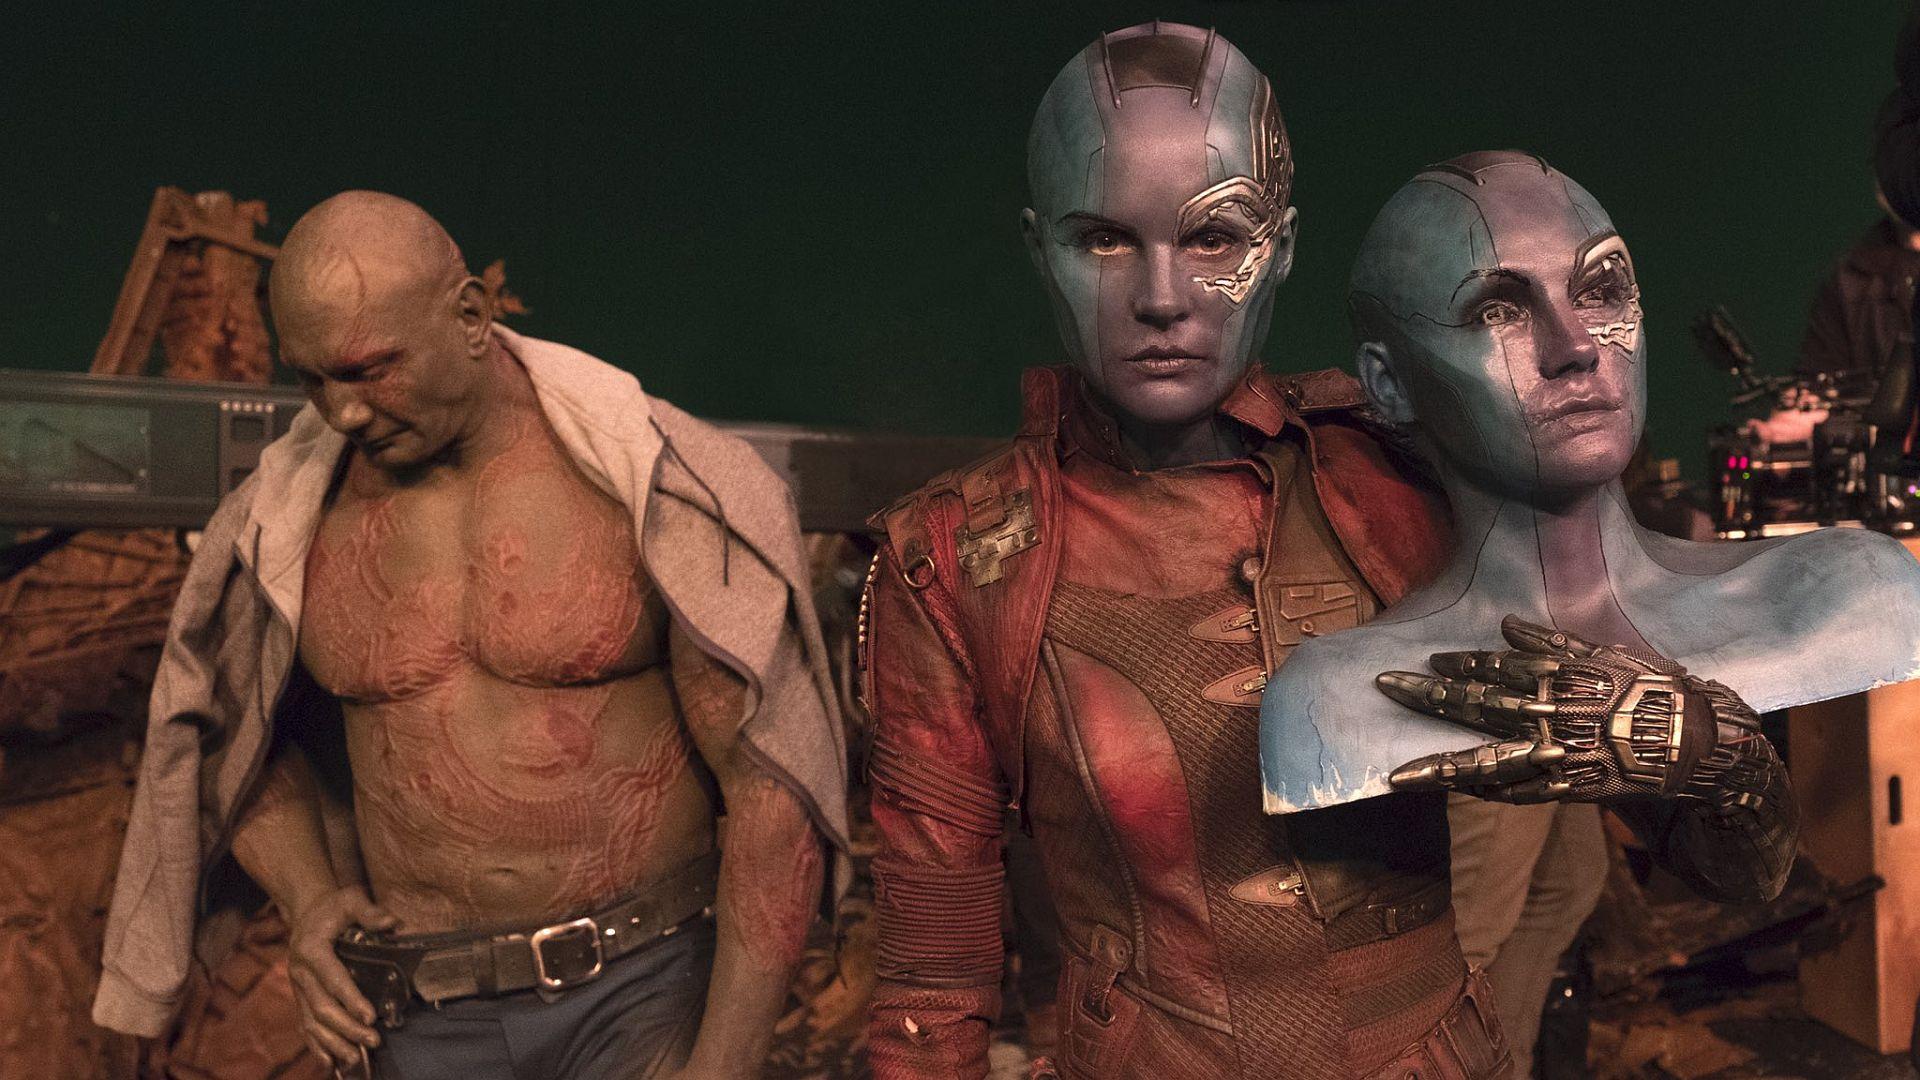 Фото со съемок «Войны бесконечности»: Капитан Америка под зонтом и вторая голова Небулы